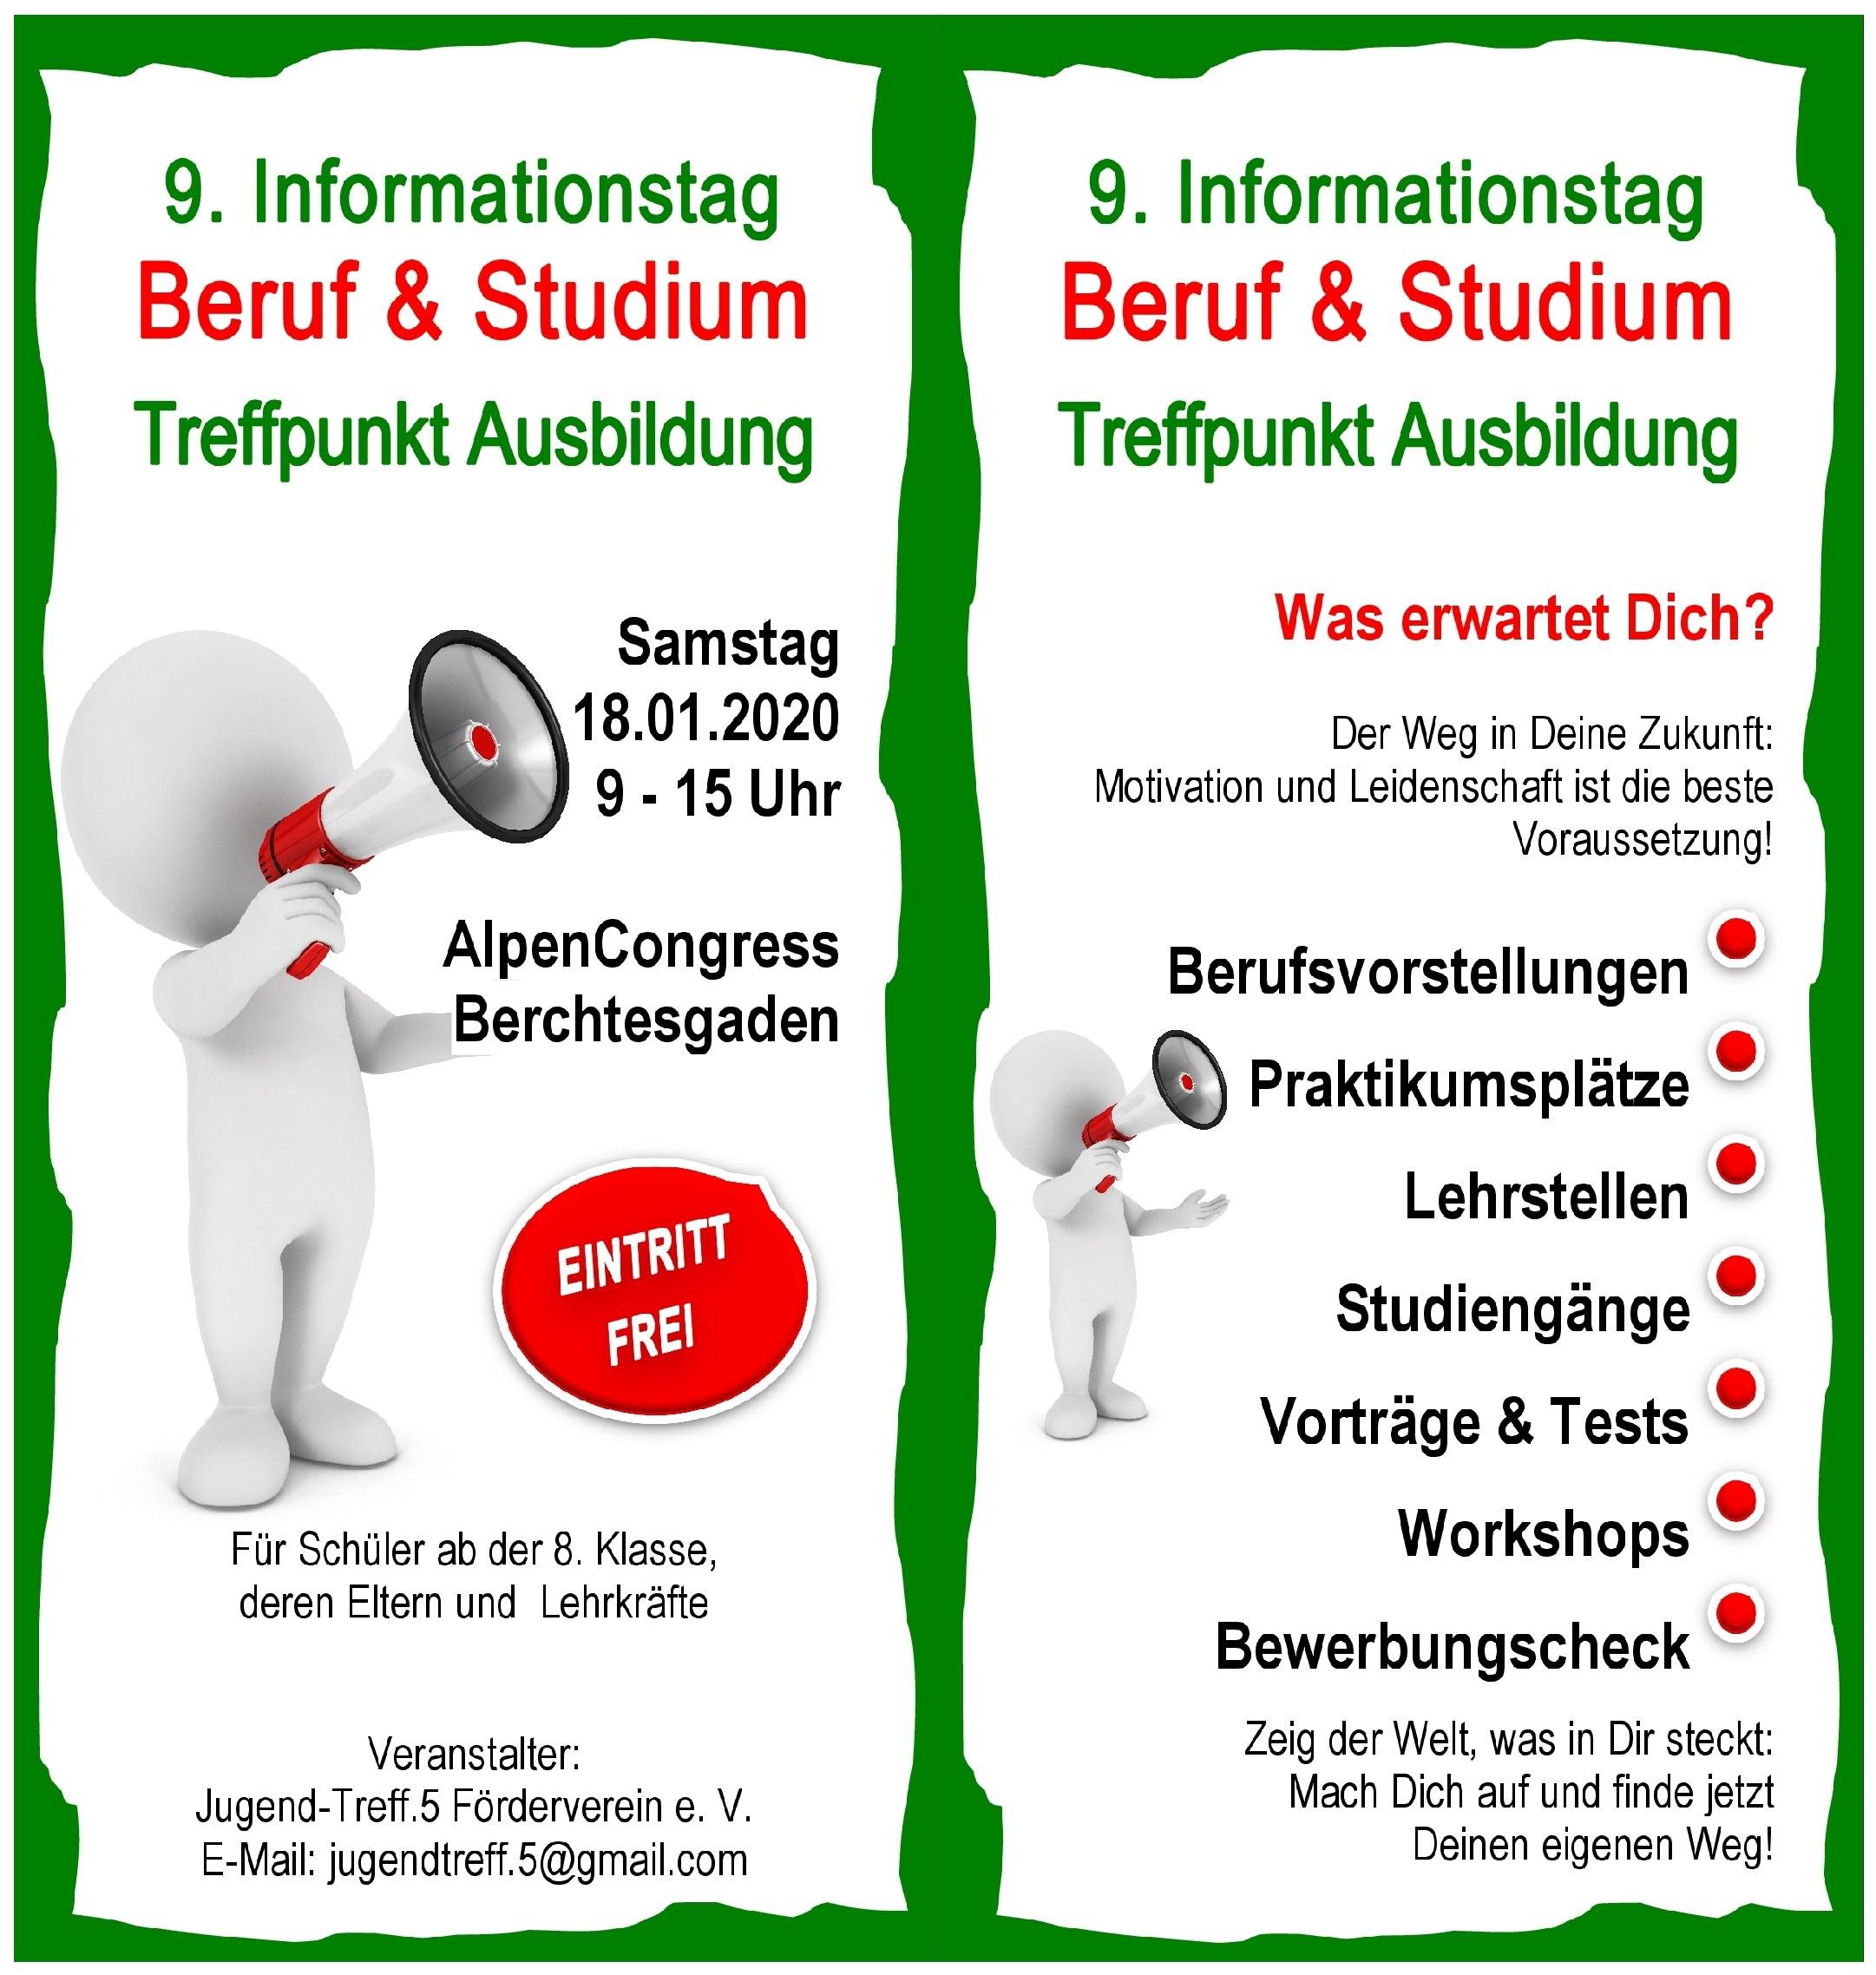 Lebenshilfe Berchtesgadener Land beim Informationstag Beruf und Studium